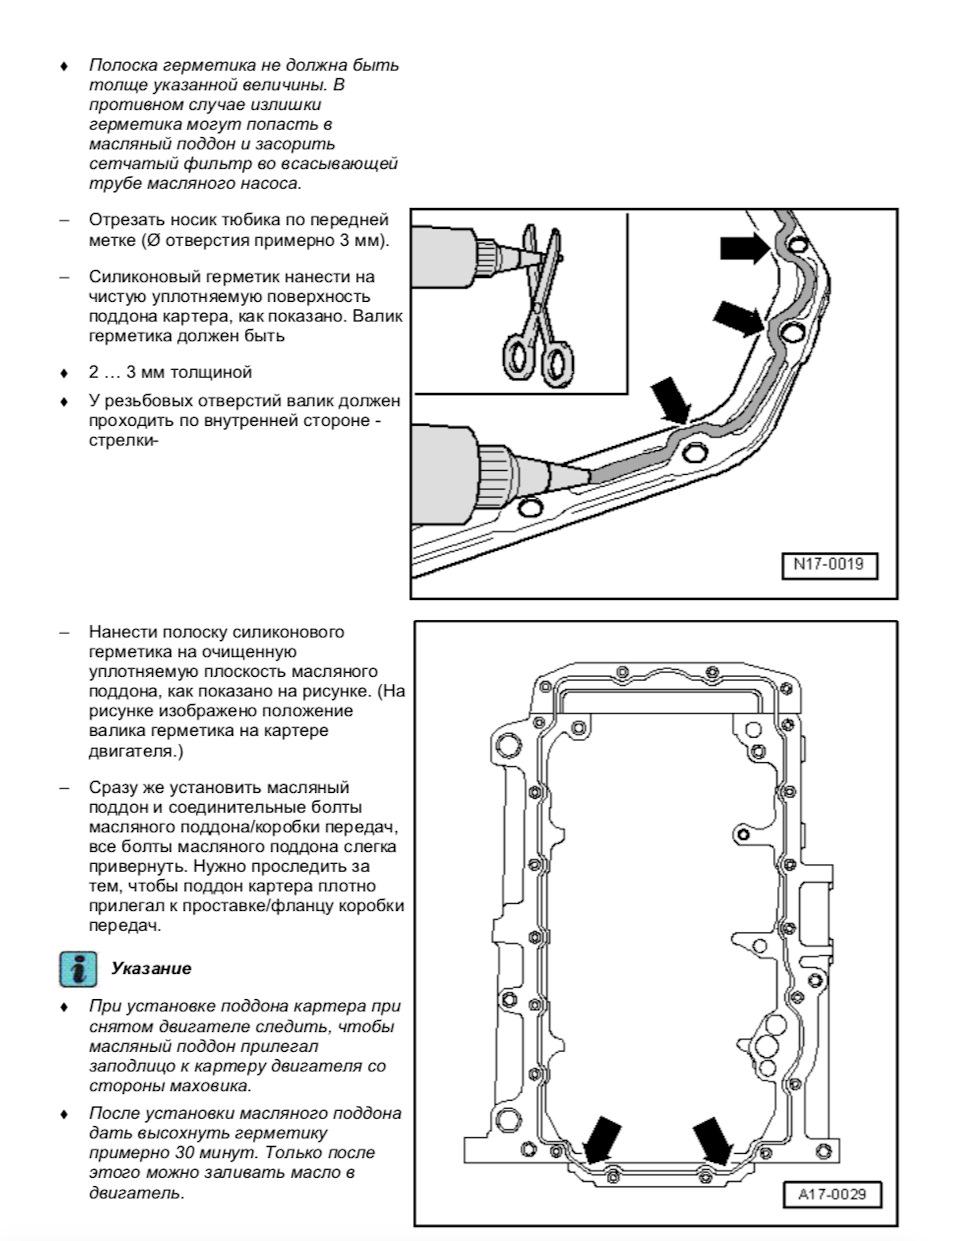 Транспортер снять поддон фольксваген транспортер т3 руководство по ремонту